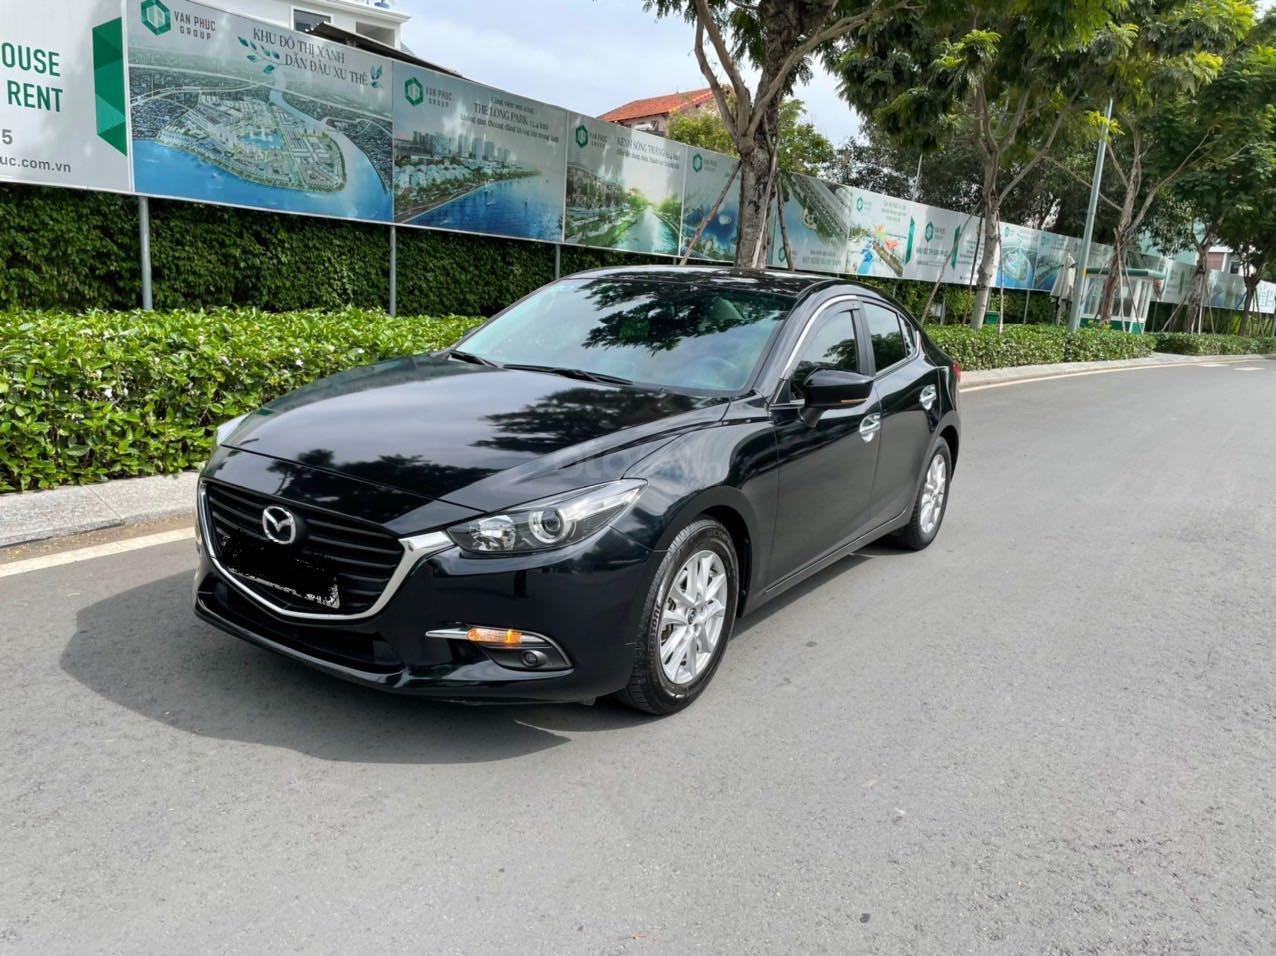 Cần bán xe Mazda 3 sản xuất 2018, màu đen xe gia đình giá chỉ 599 triệu đồng (3)